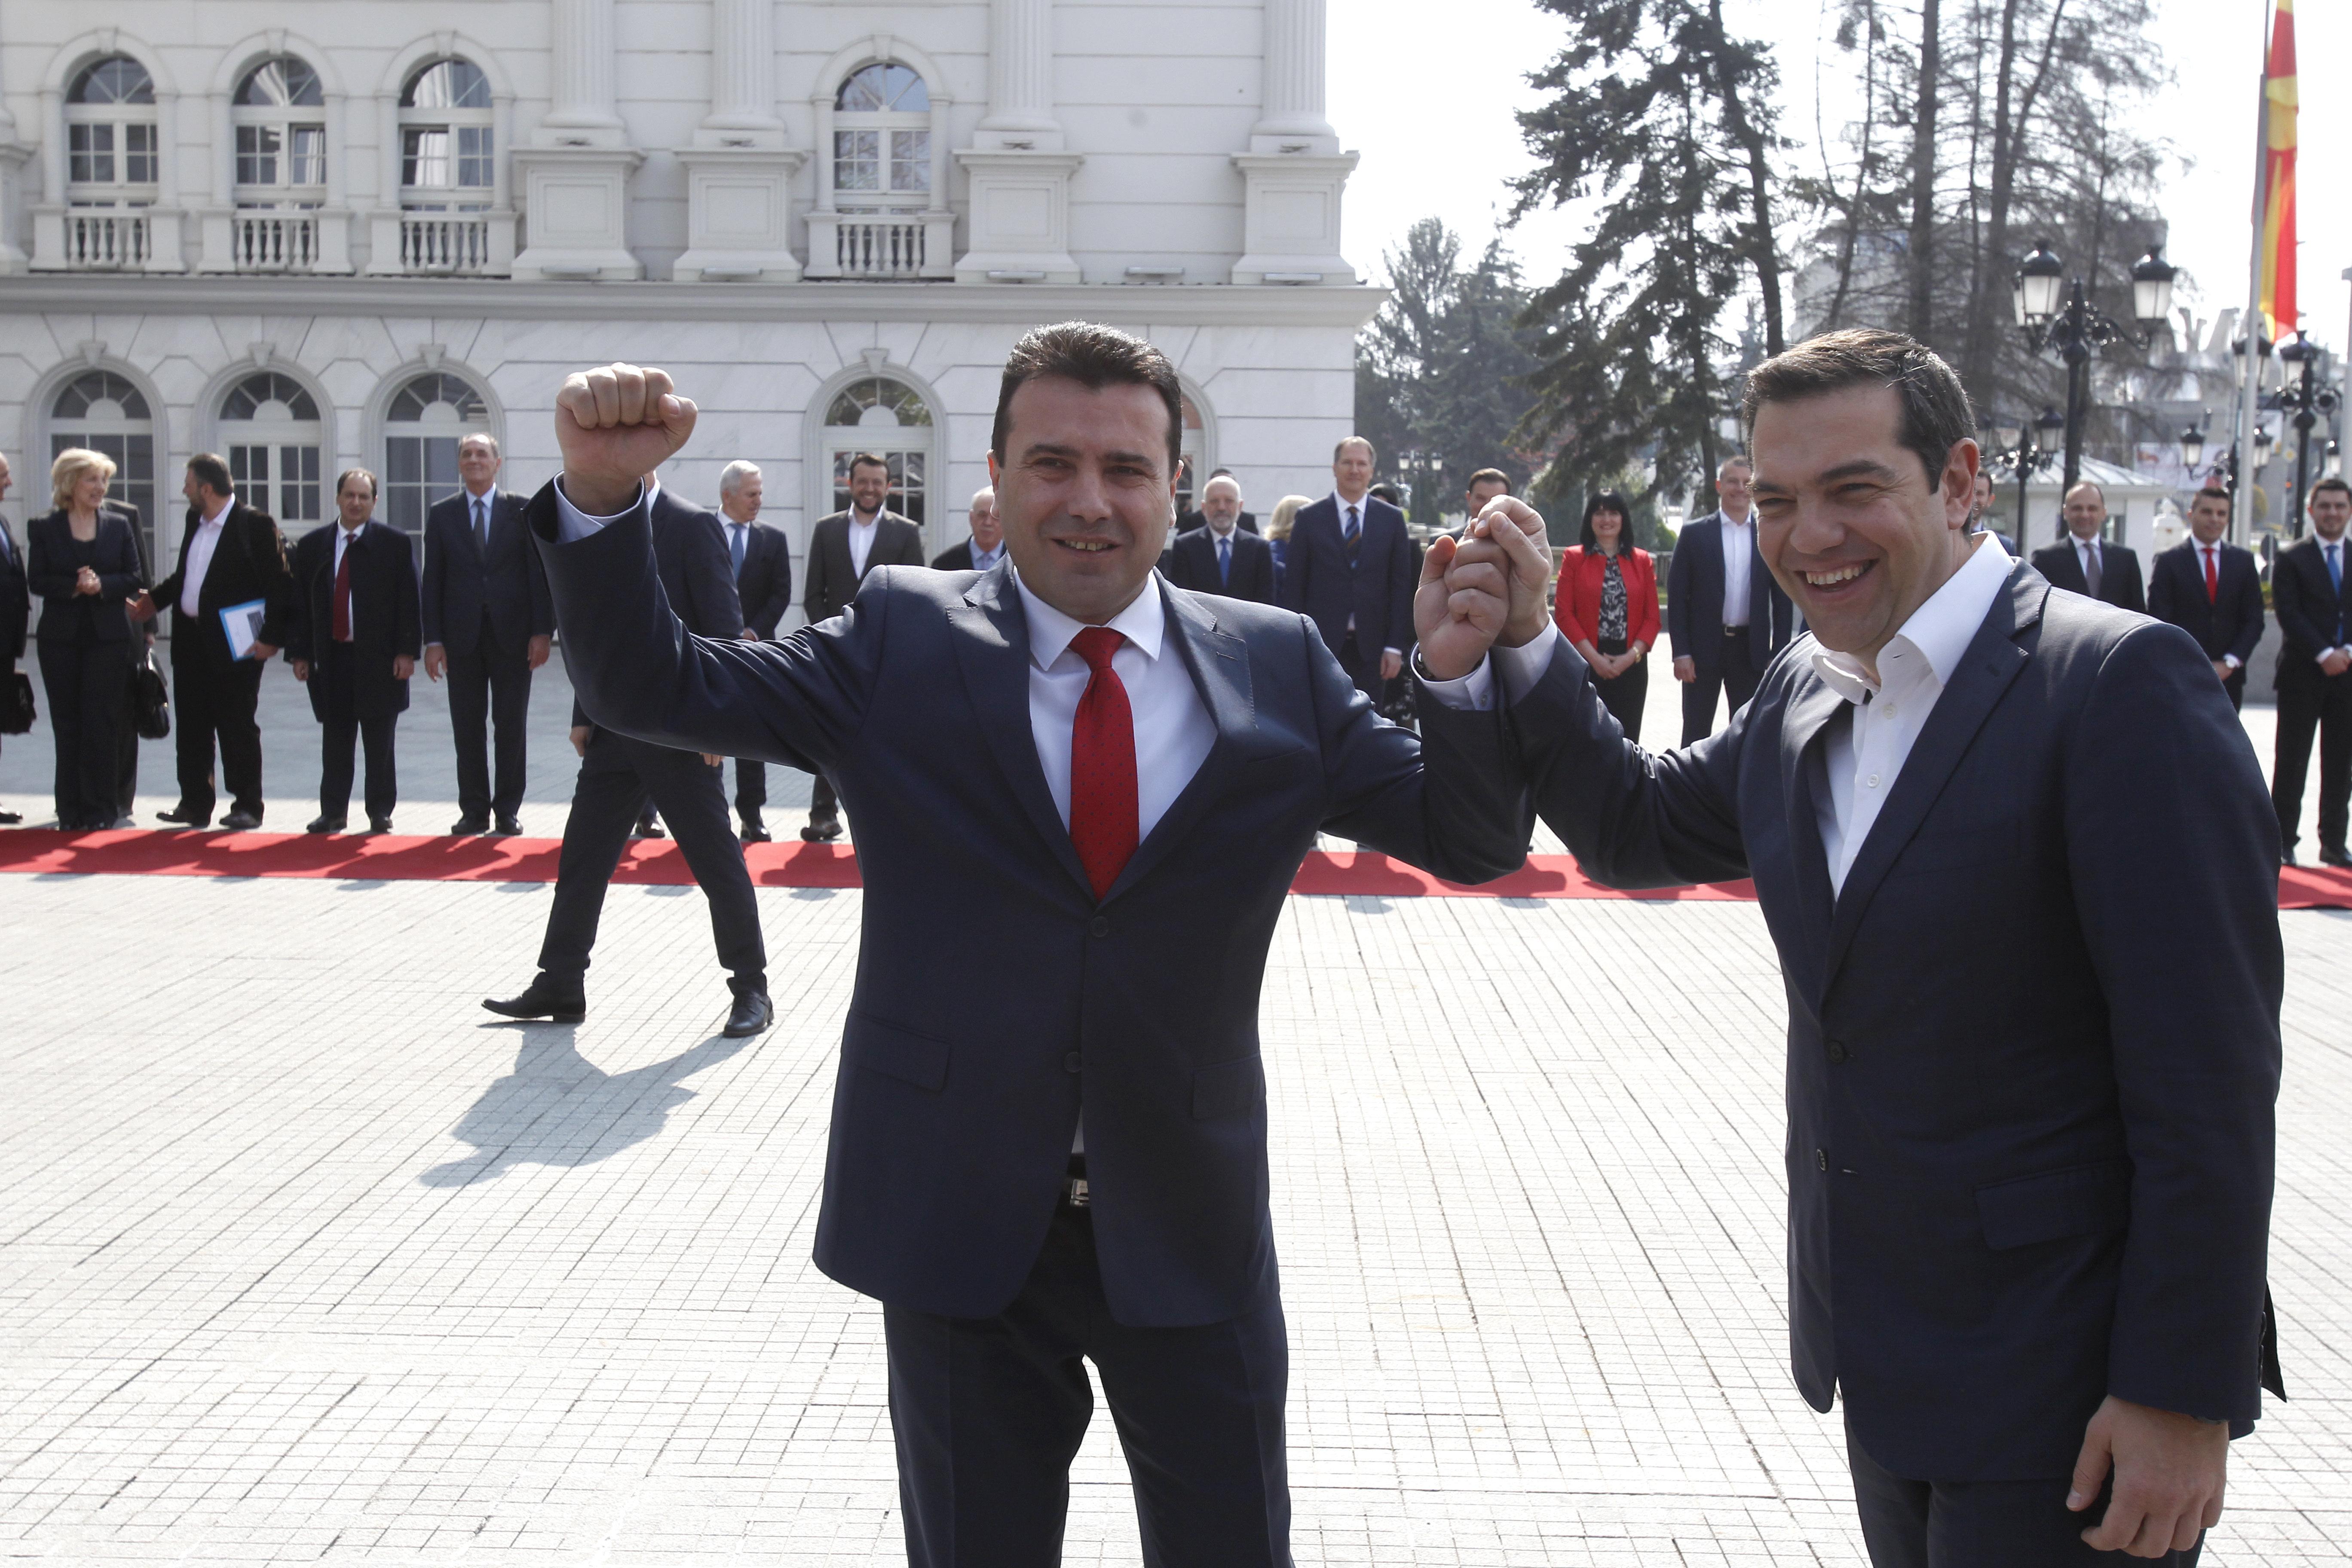 Τσίπρα και Ζάεφ για το Νόμπελ Ειρήνης προτείνουν 33